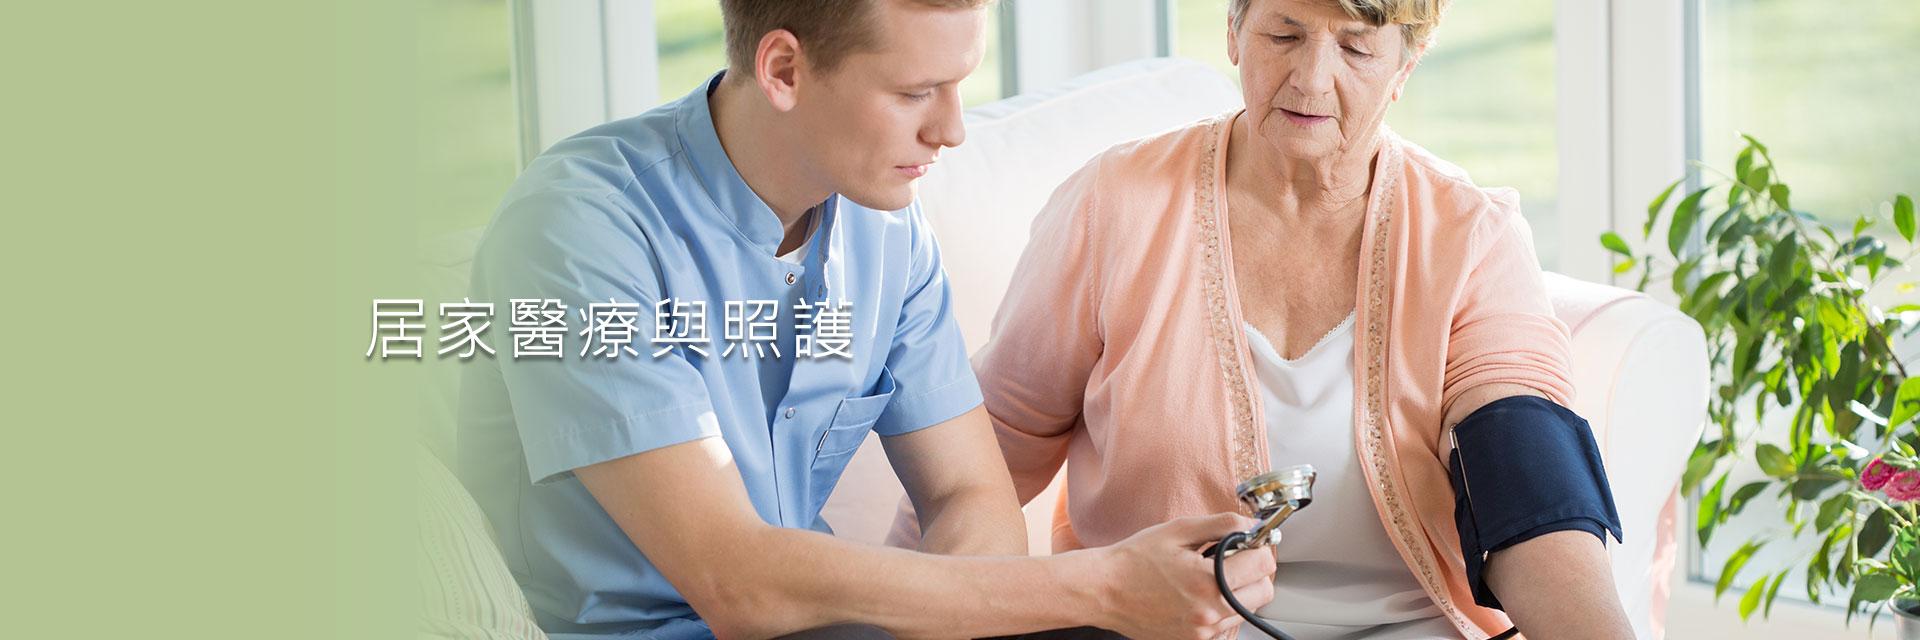 居家醫療與照護